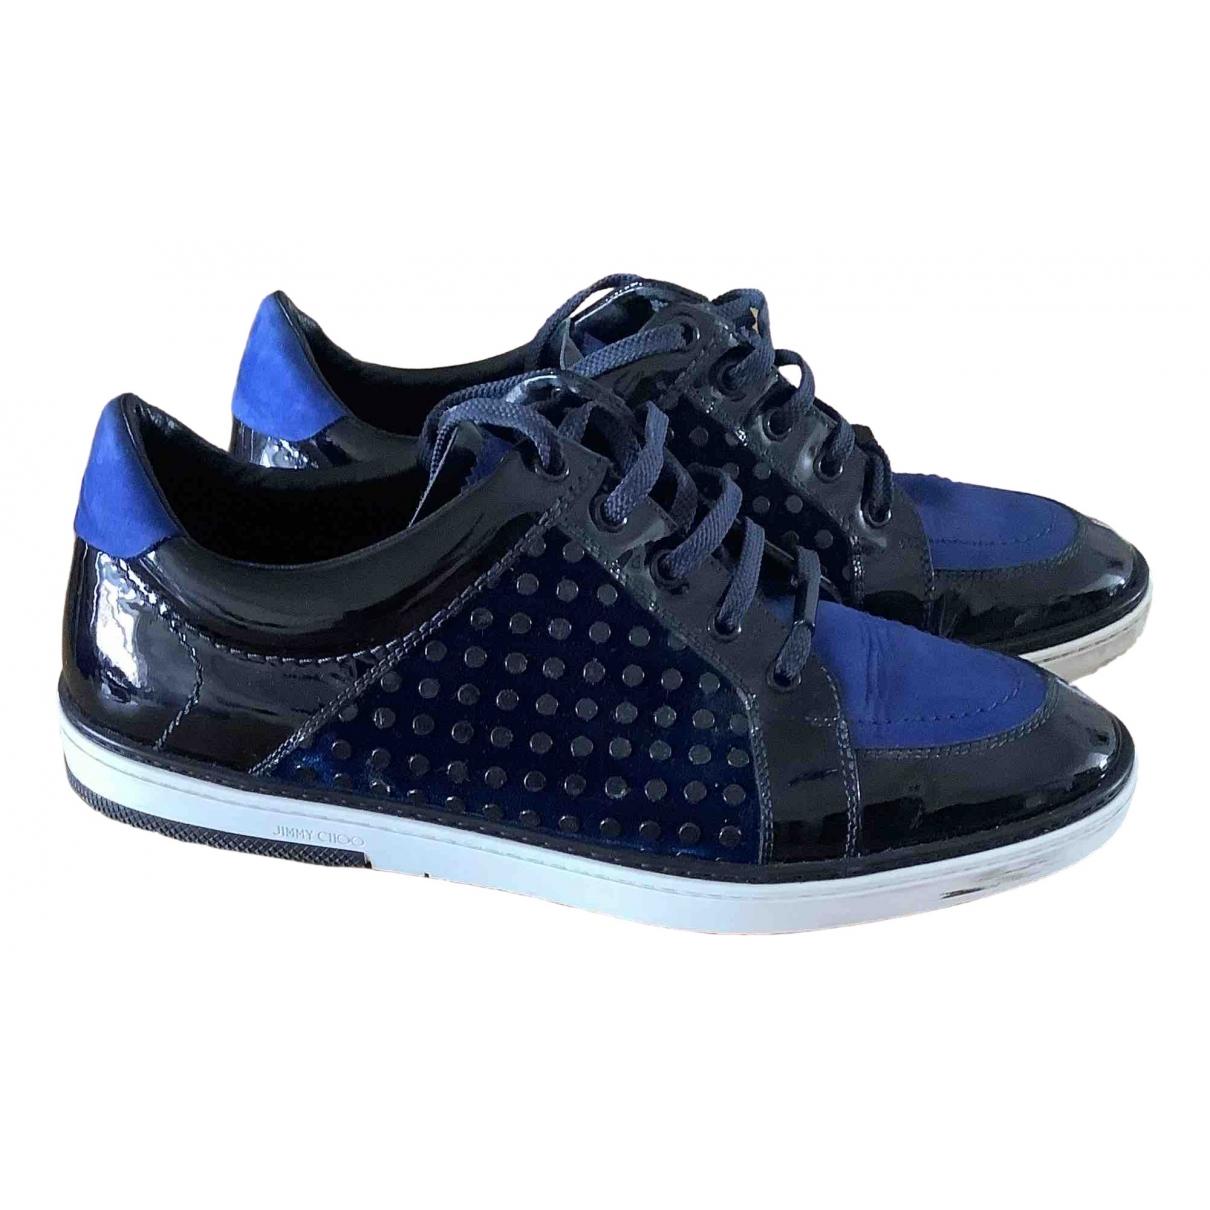 Jimmy Choo \N Sneakers in  Blau Lackleder